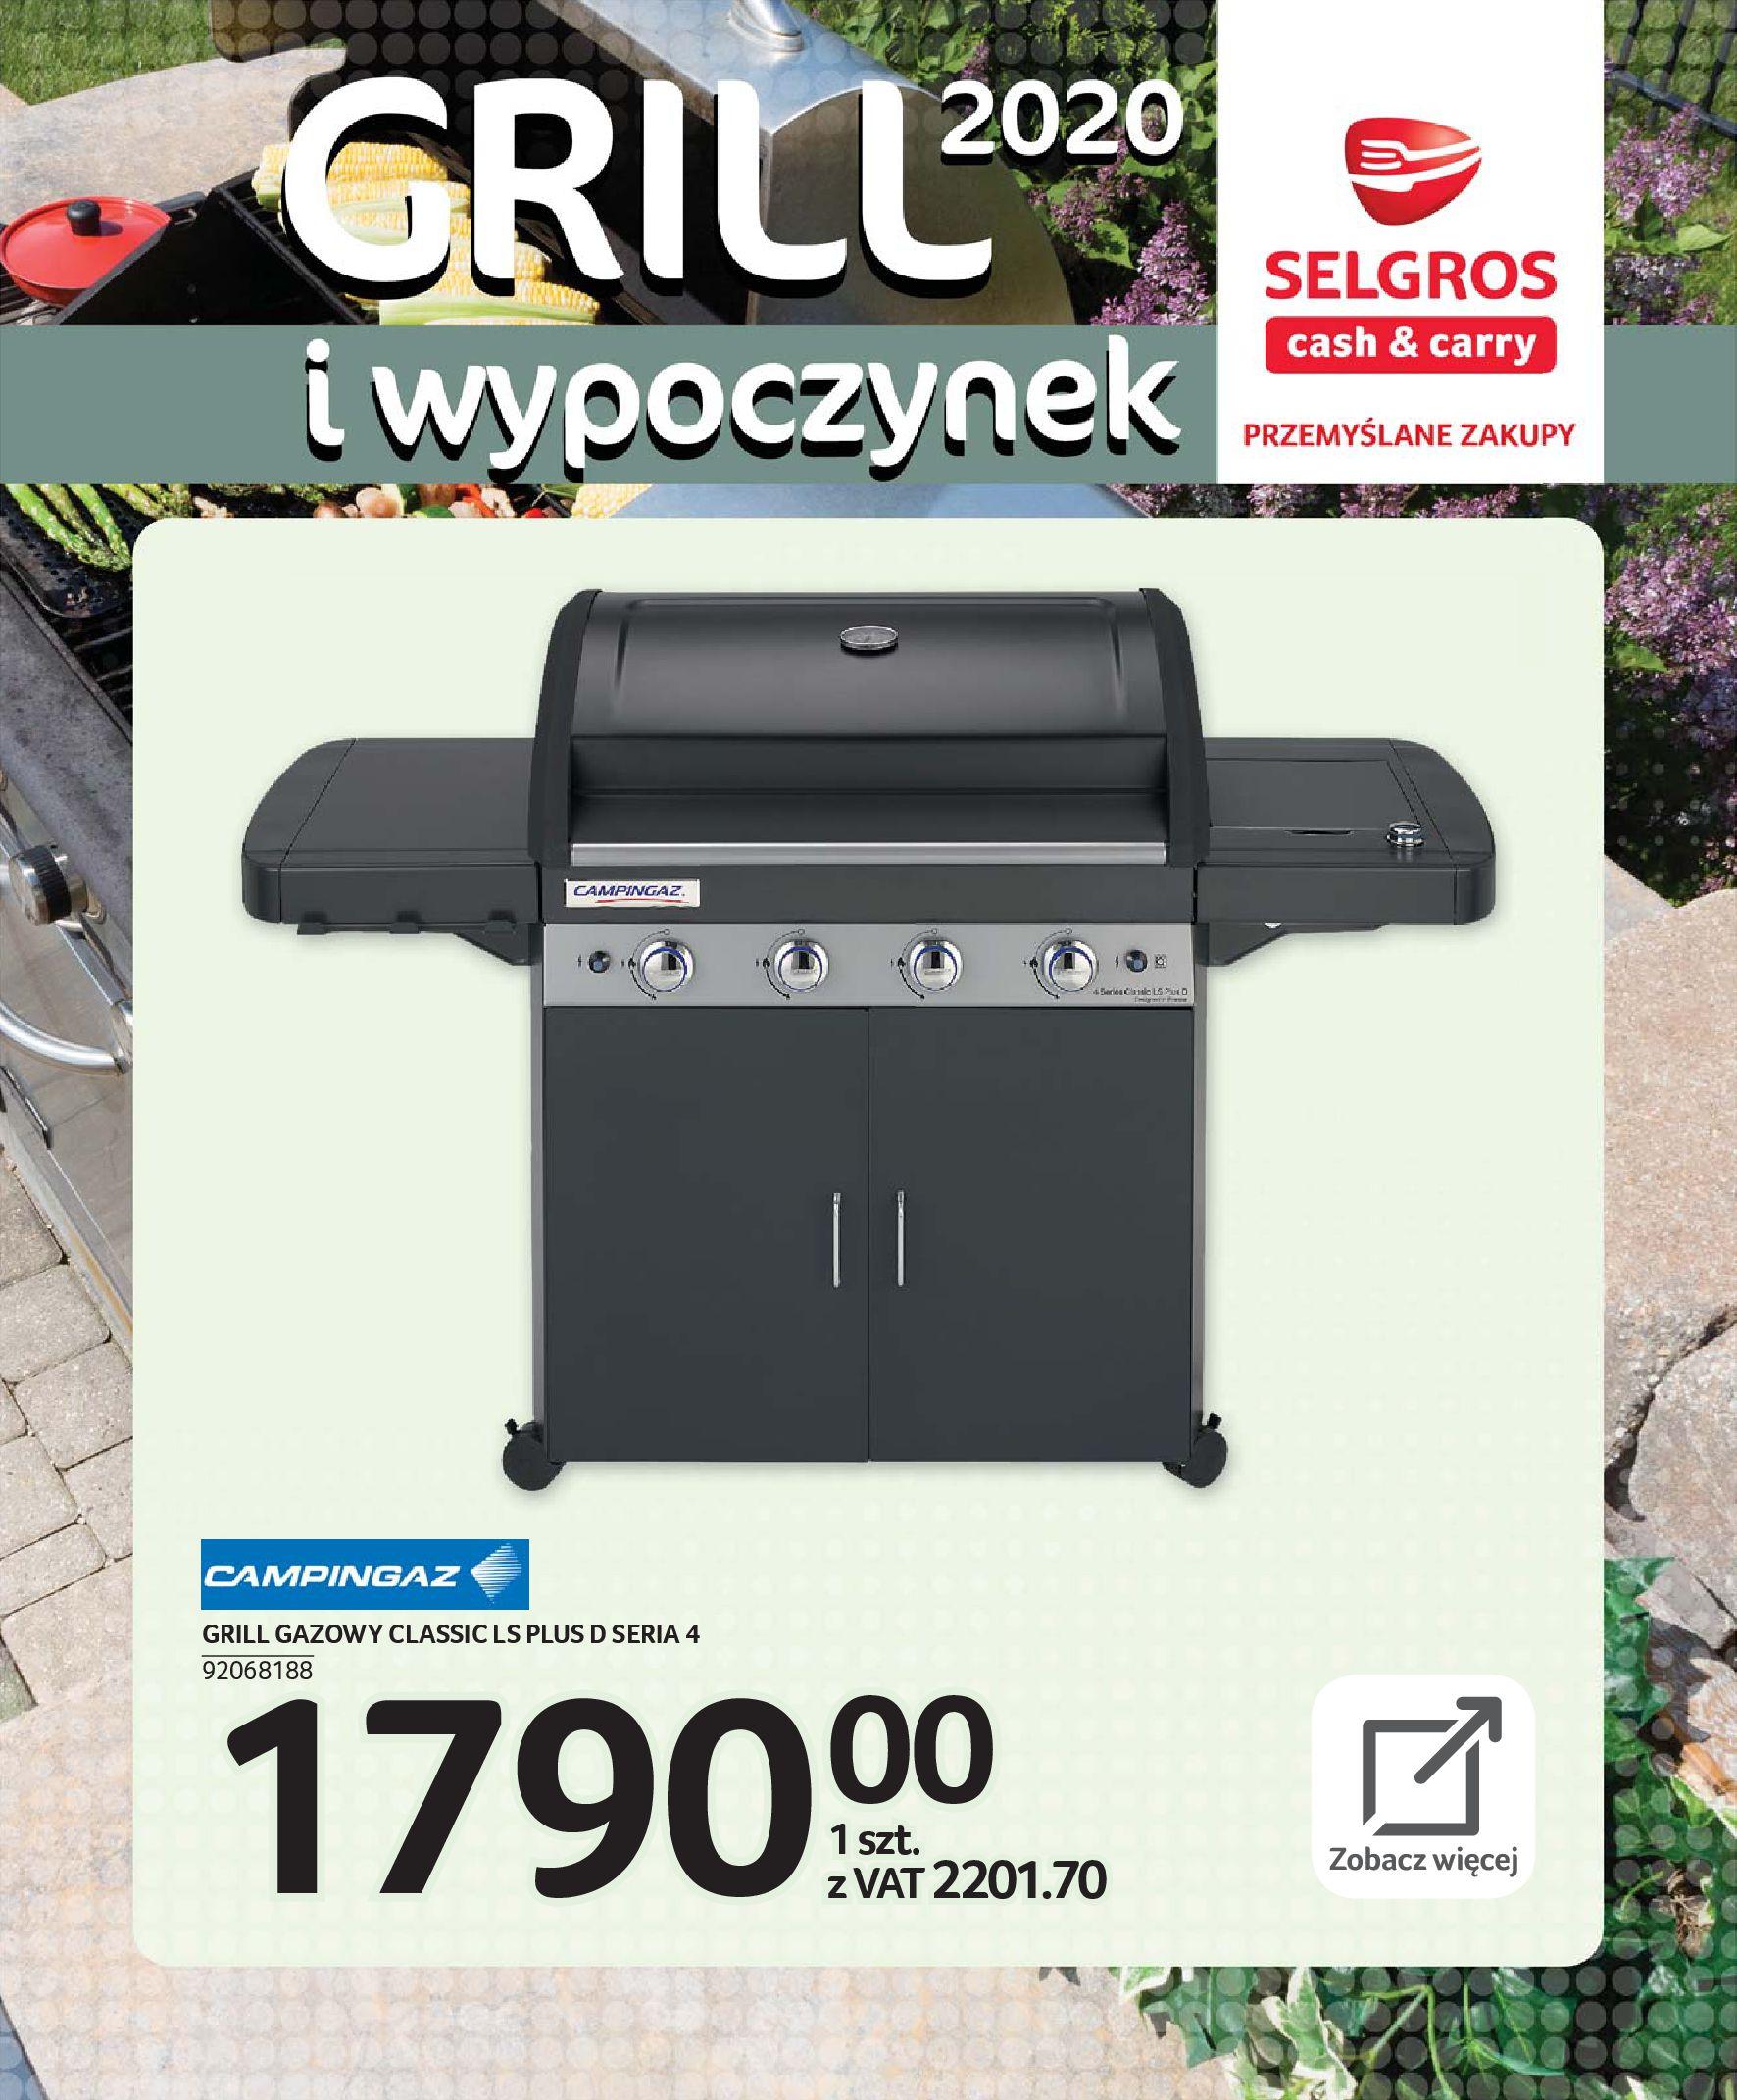 Gazetka Selgros - Katalog - Grill i wypoczynek-31.03.2020-31.08.2020-page-51